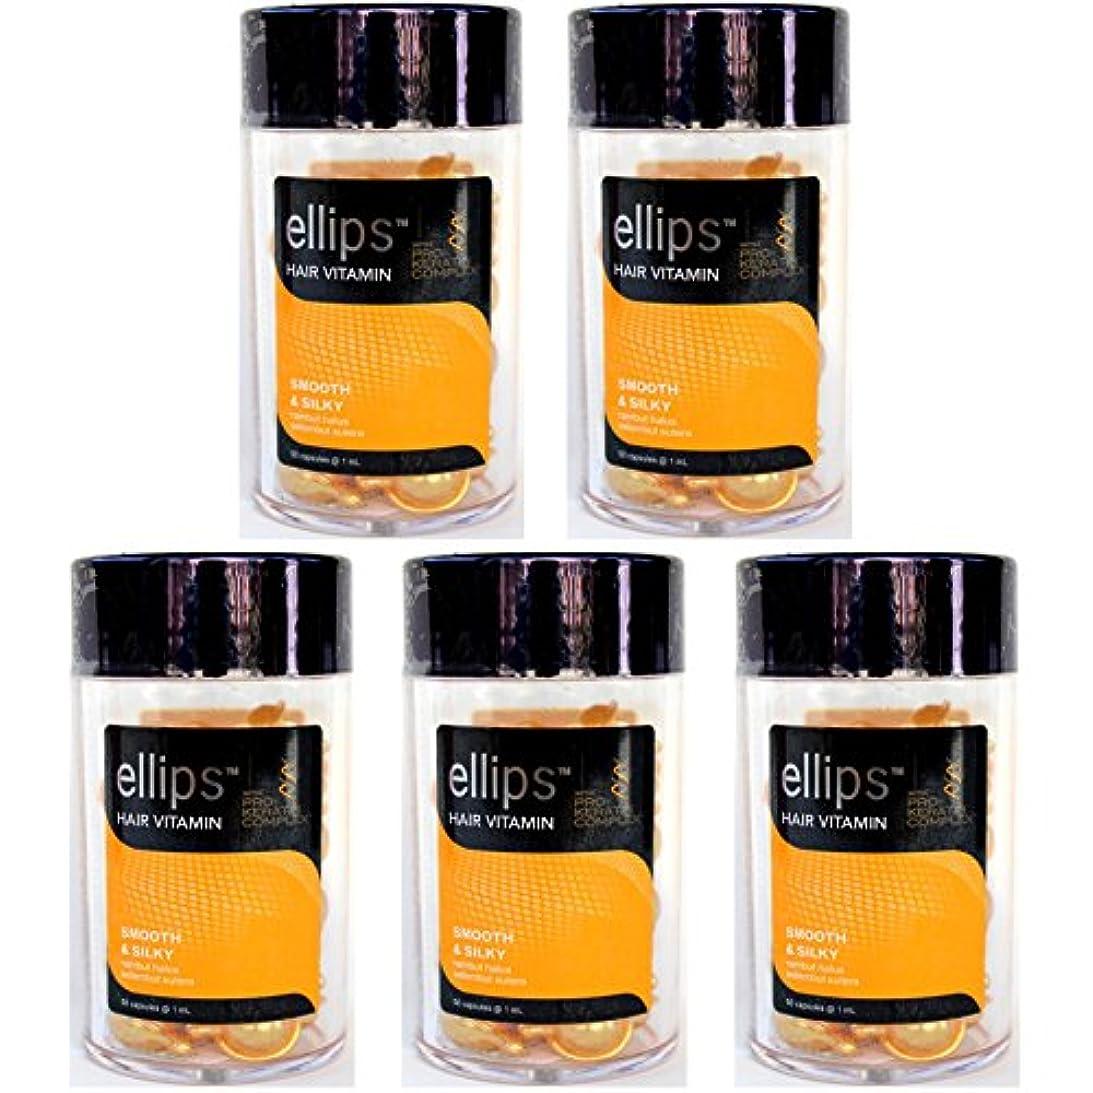 離婚舌失敗ellips エリプス Hair Vitamin ヘア ビタミン Pro-Keratin Complex プロケラチン配合 SMOOTH & SILKY イエロー ボトル(50粒入) × 5本 セット [並行輸入品][海外直送品]